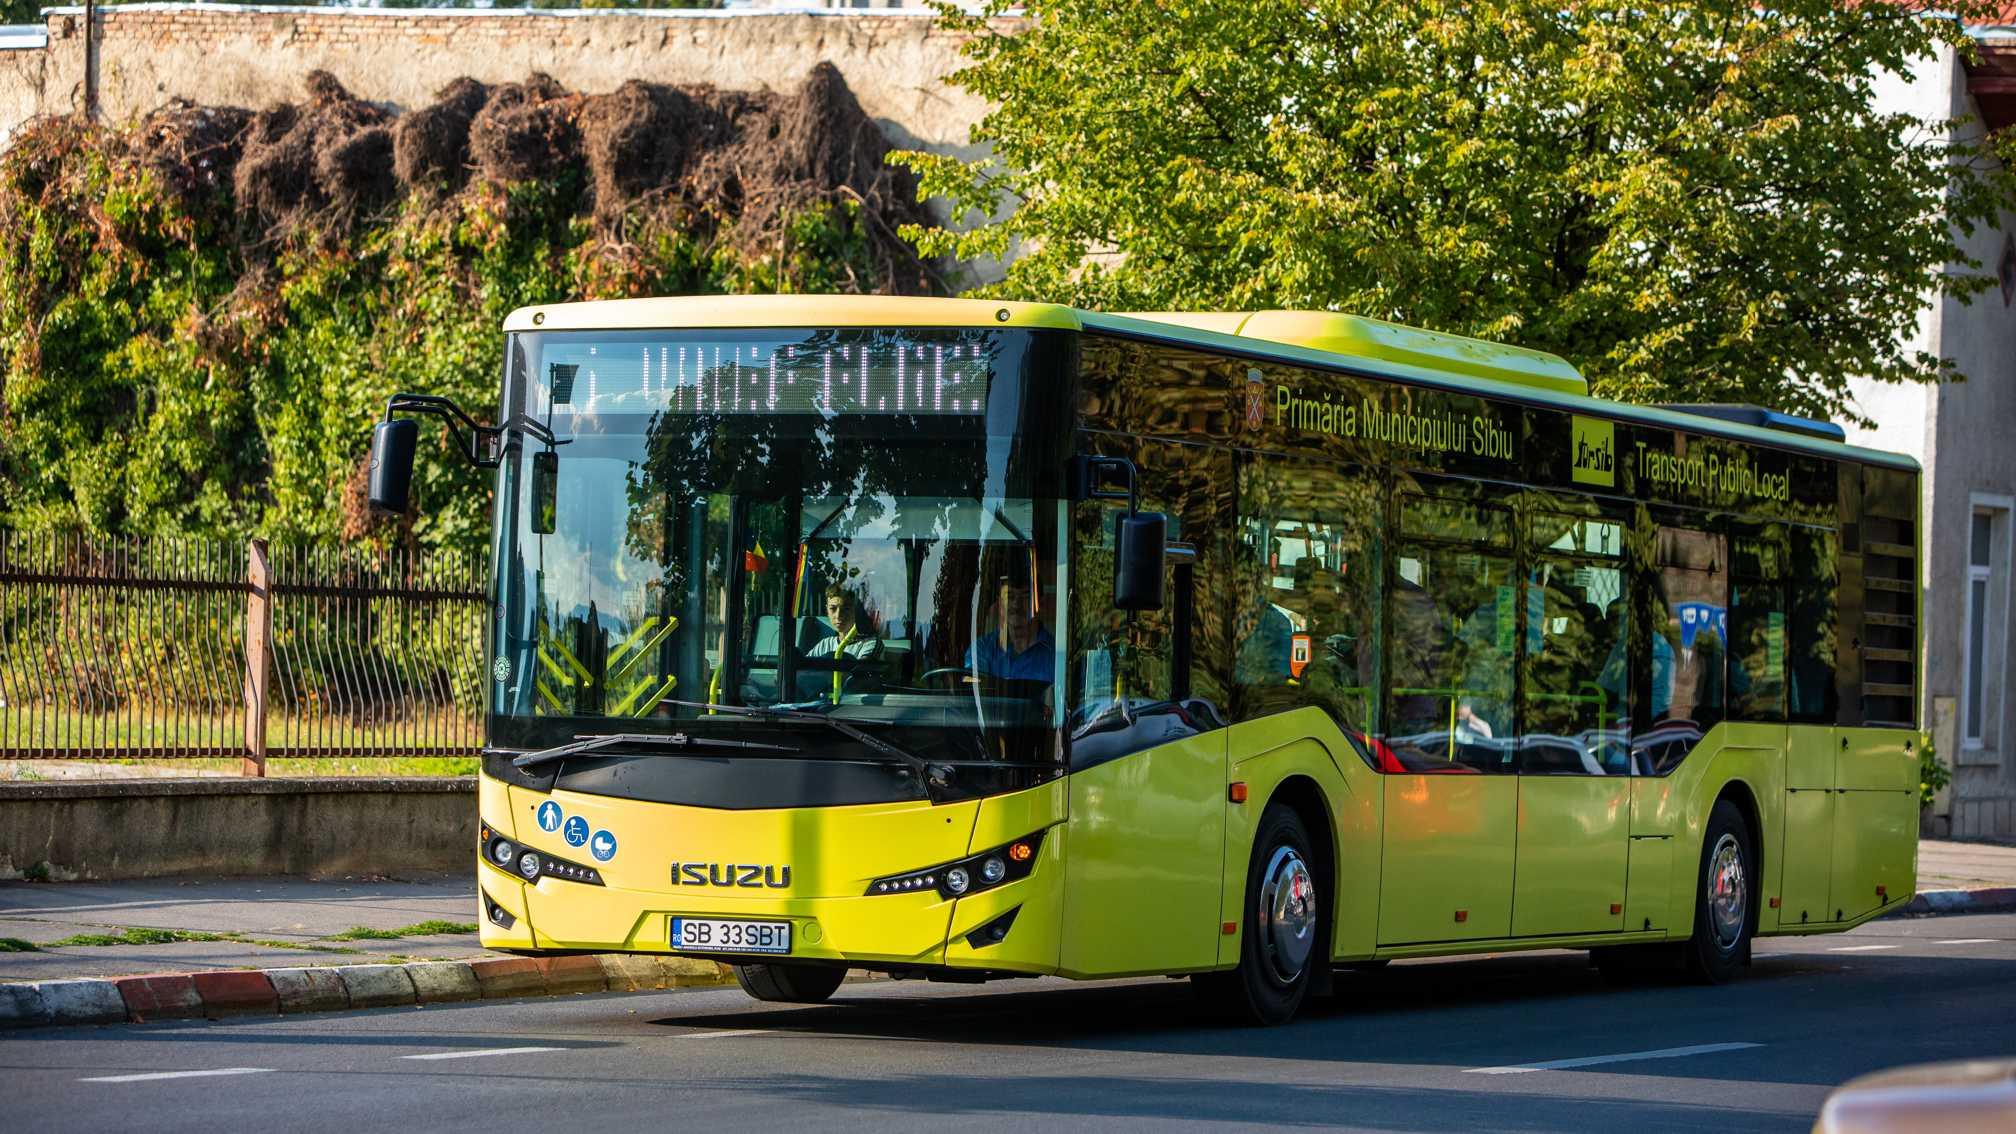 Elevii circulă gratuit cu autobuzul, fără documente doveditoare